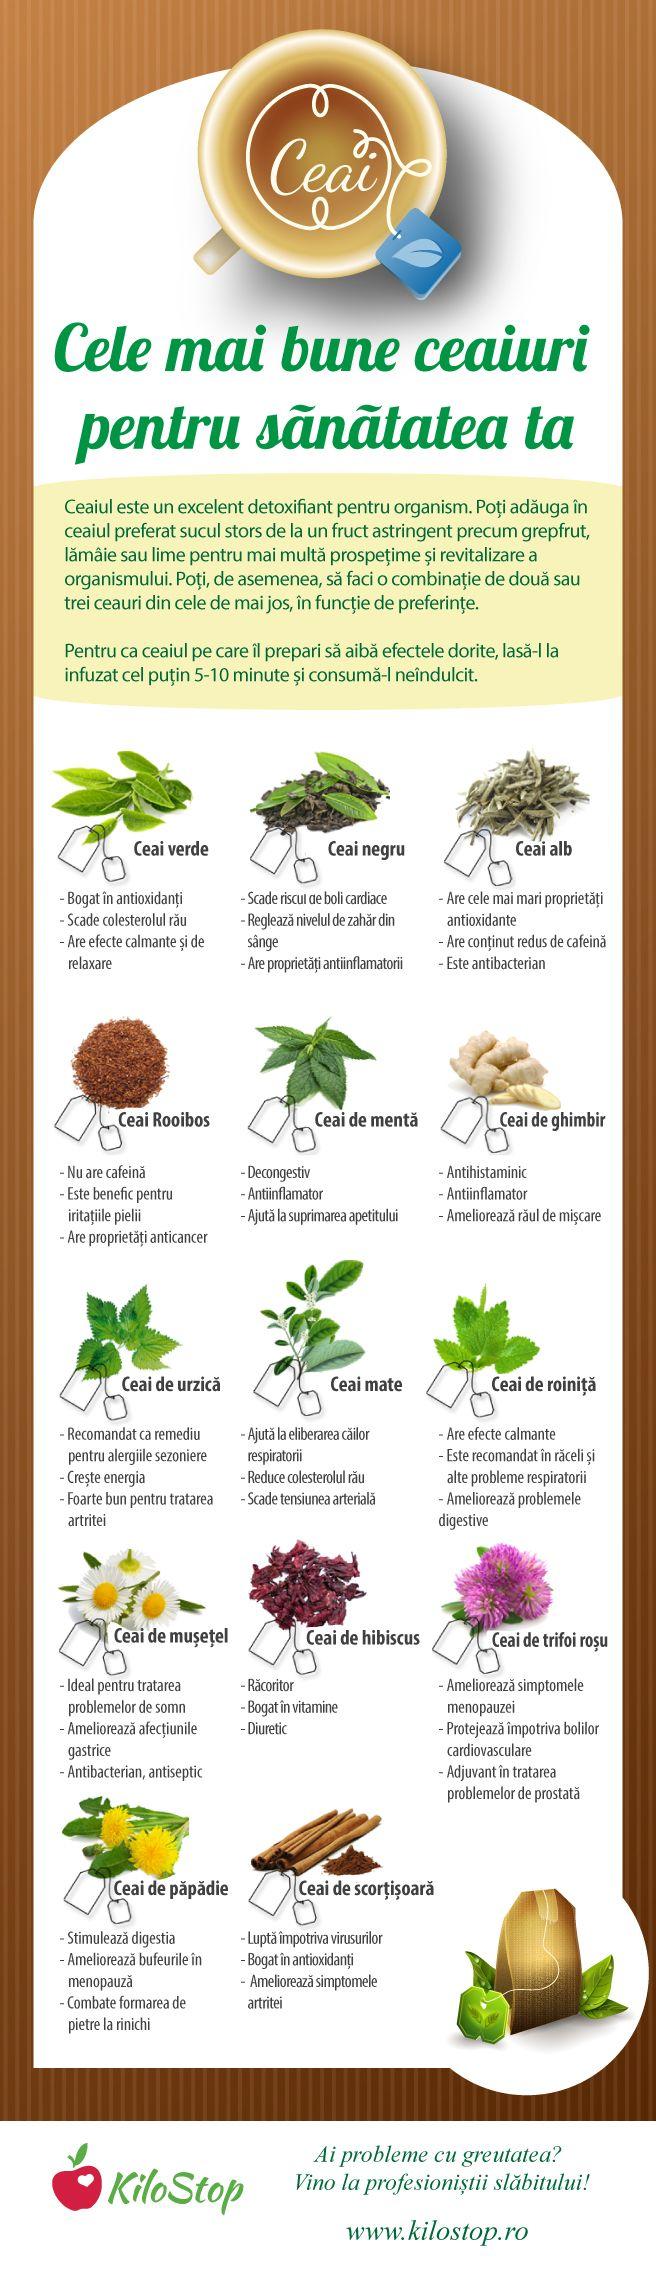 remedii pe bază de plante antiinflamatoare